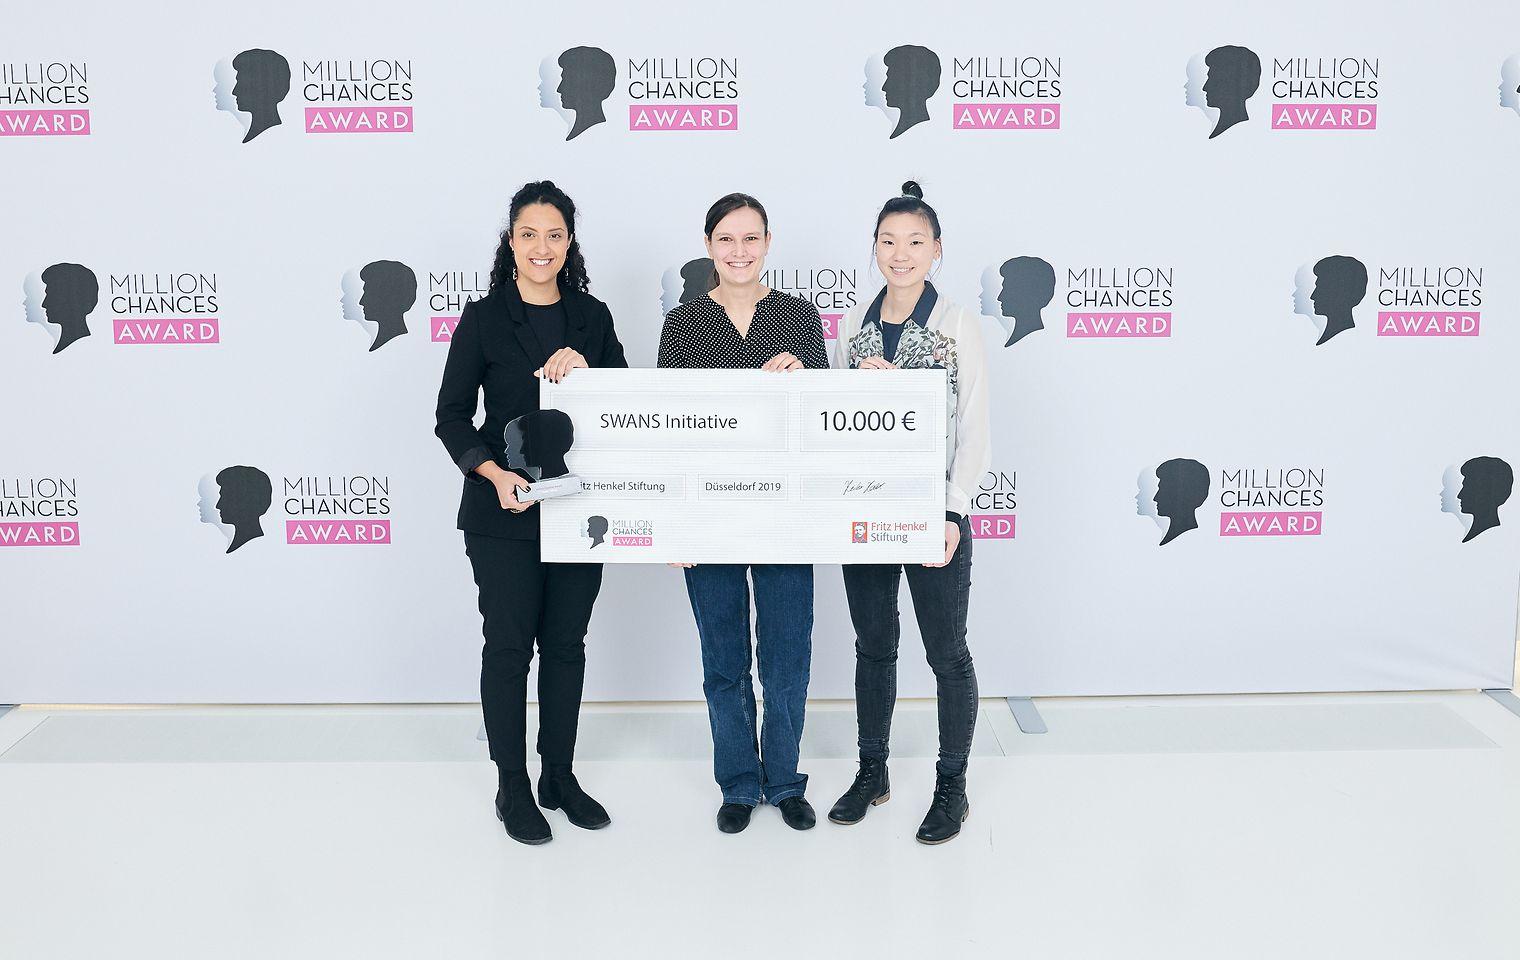 Schwarzkopf Million Chances Award 2019 - Gewinner SWANS Initiative